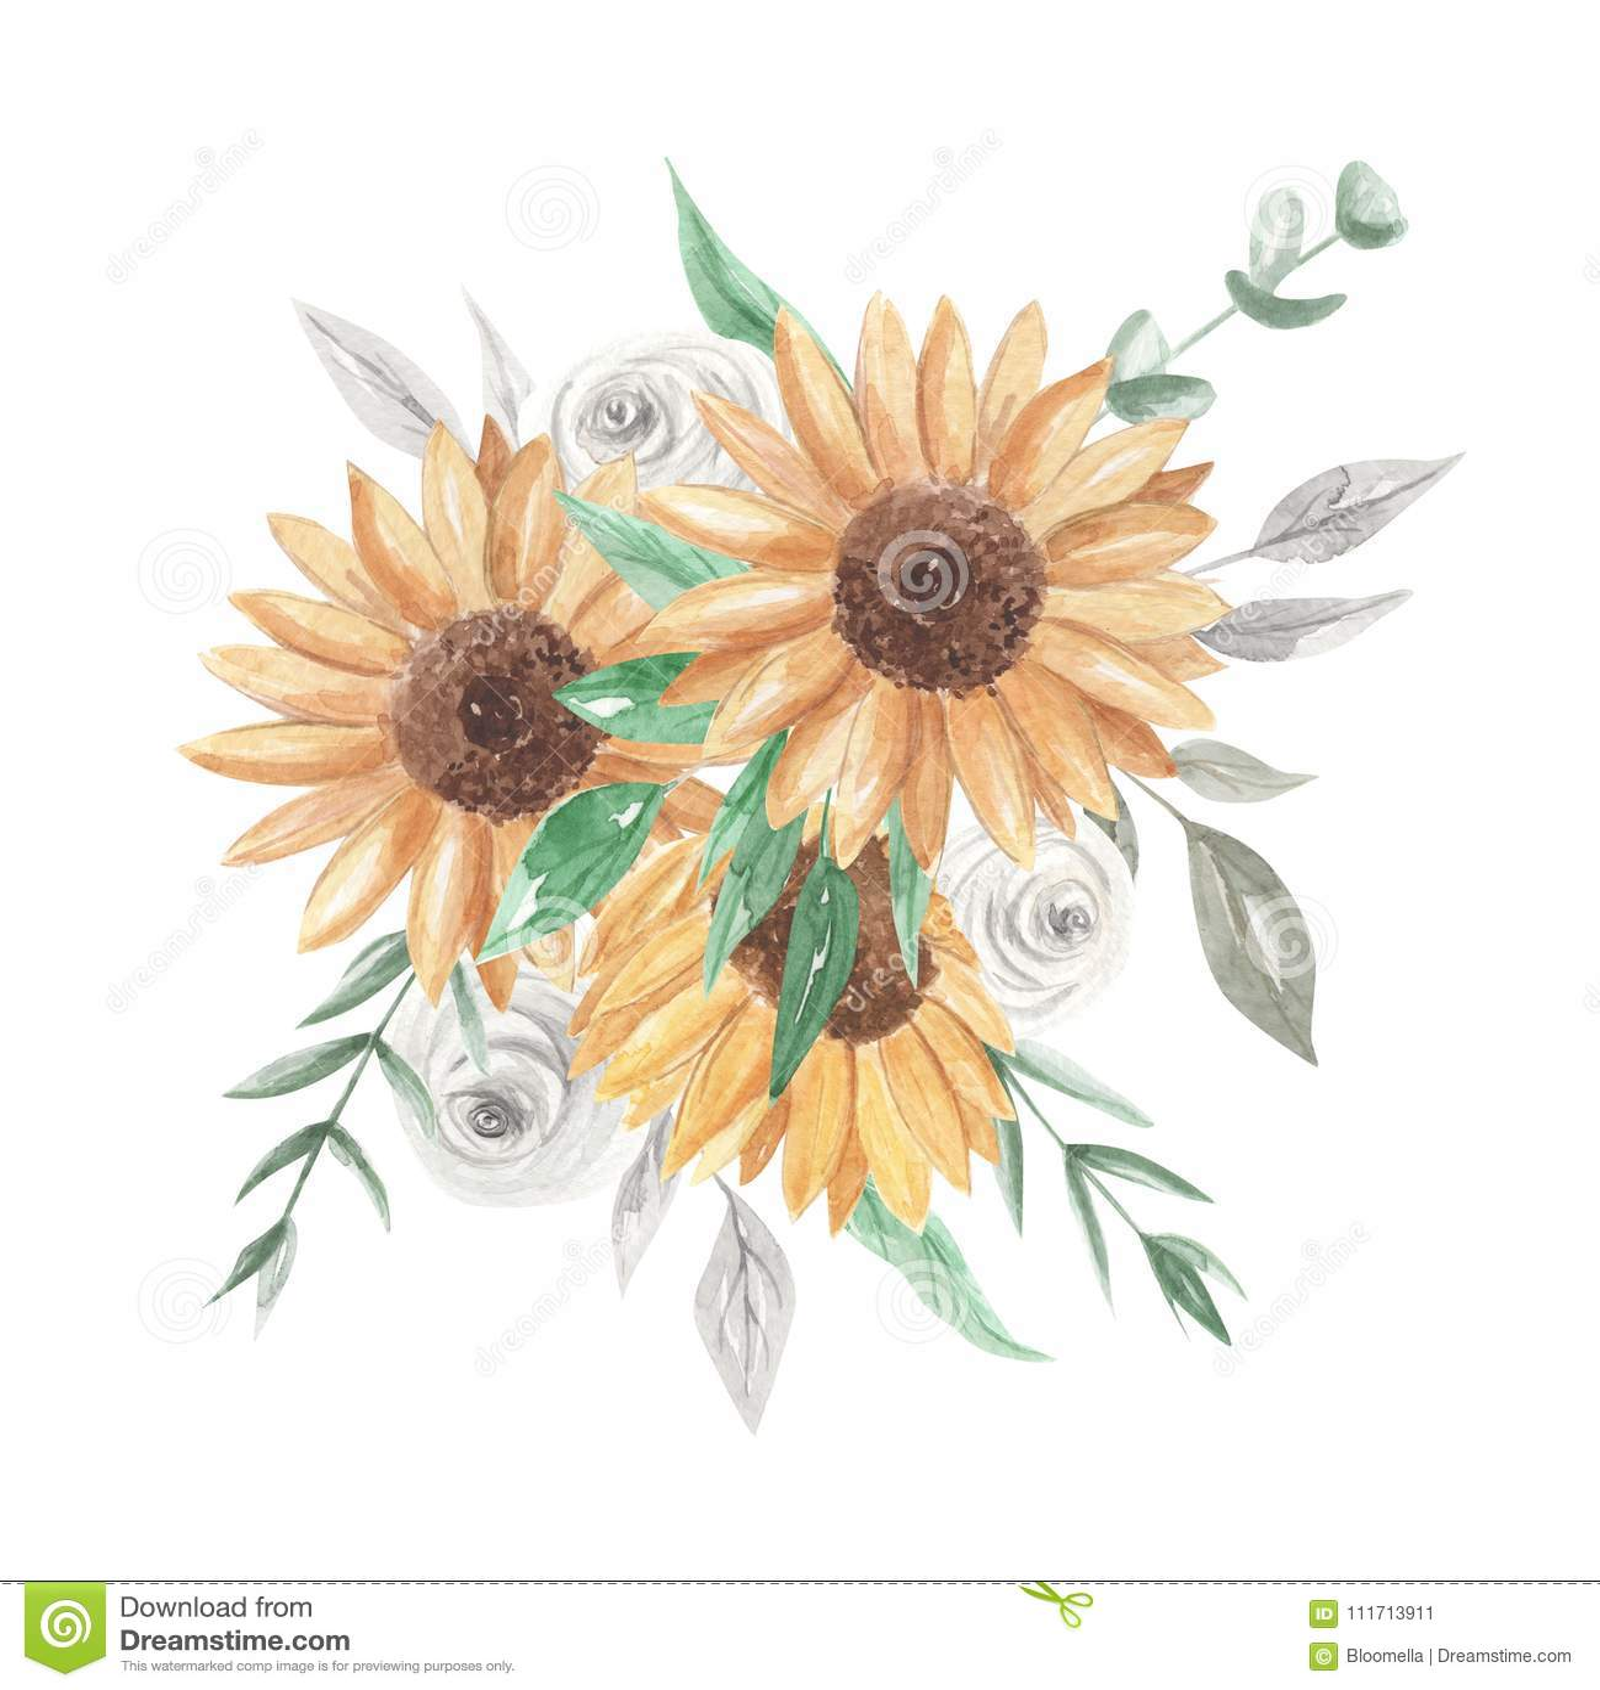 Sonnenblumen Aquarell Blumenstrausse Clipart Bluht Weisse Rosen Stock